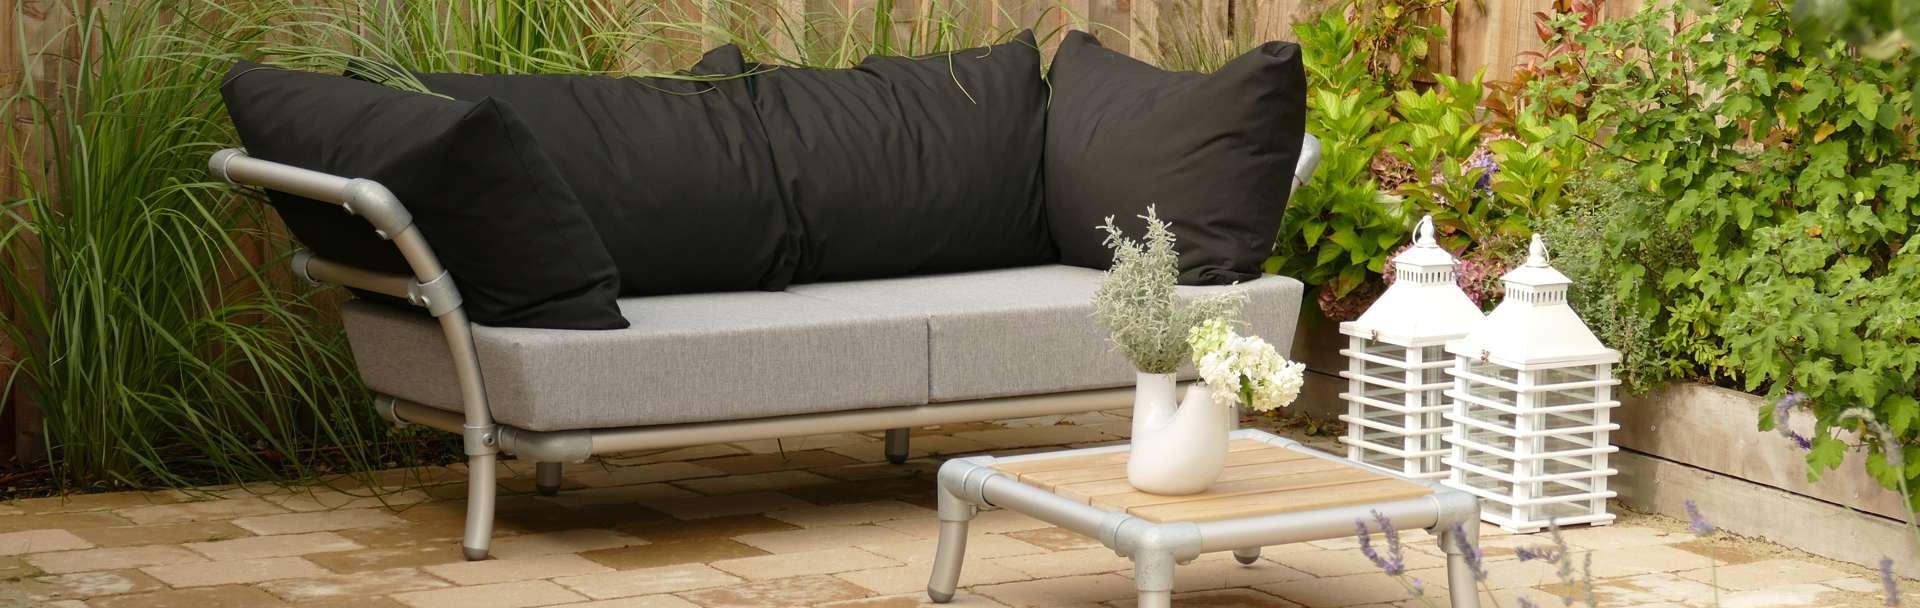 loungebank buiten in de tuin in de kleur antraciet en zwart